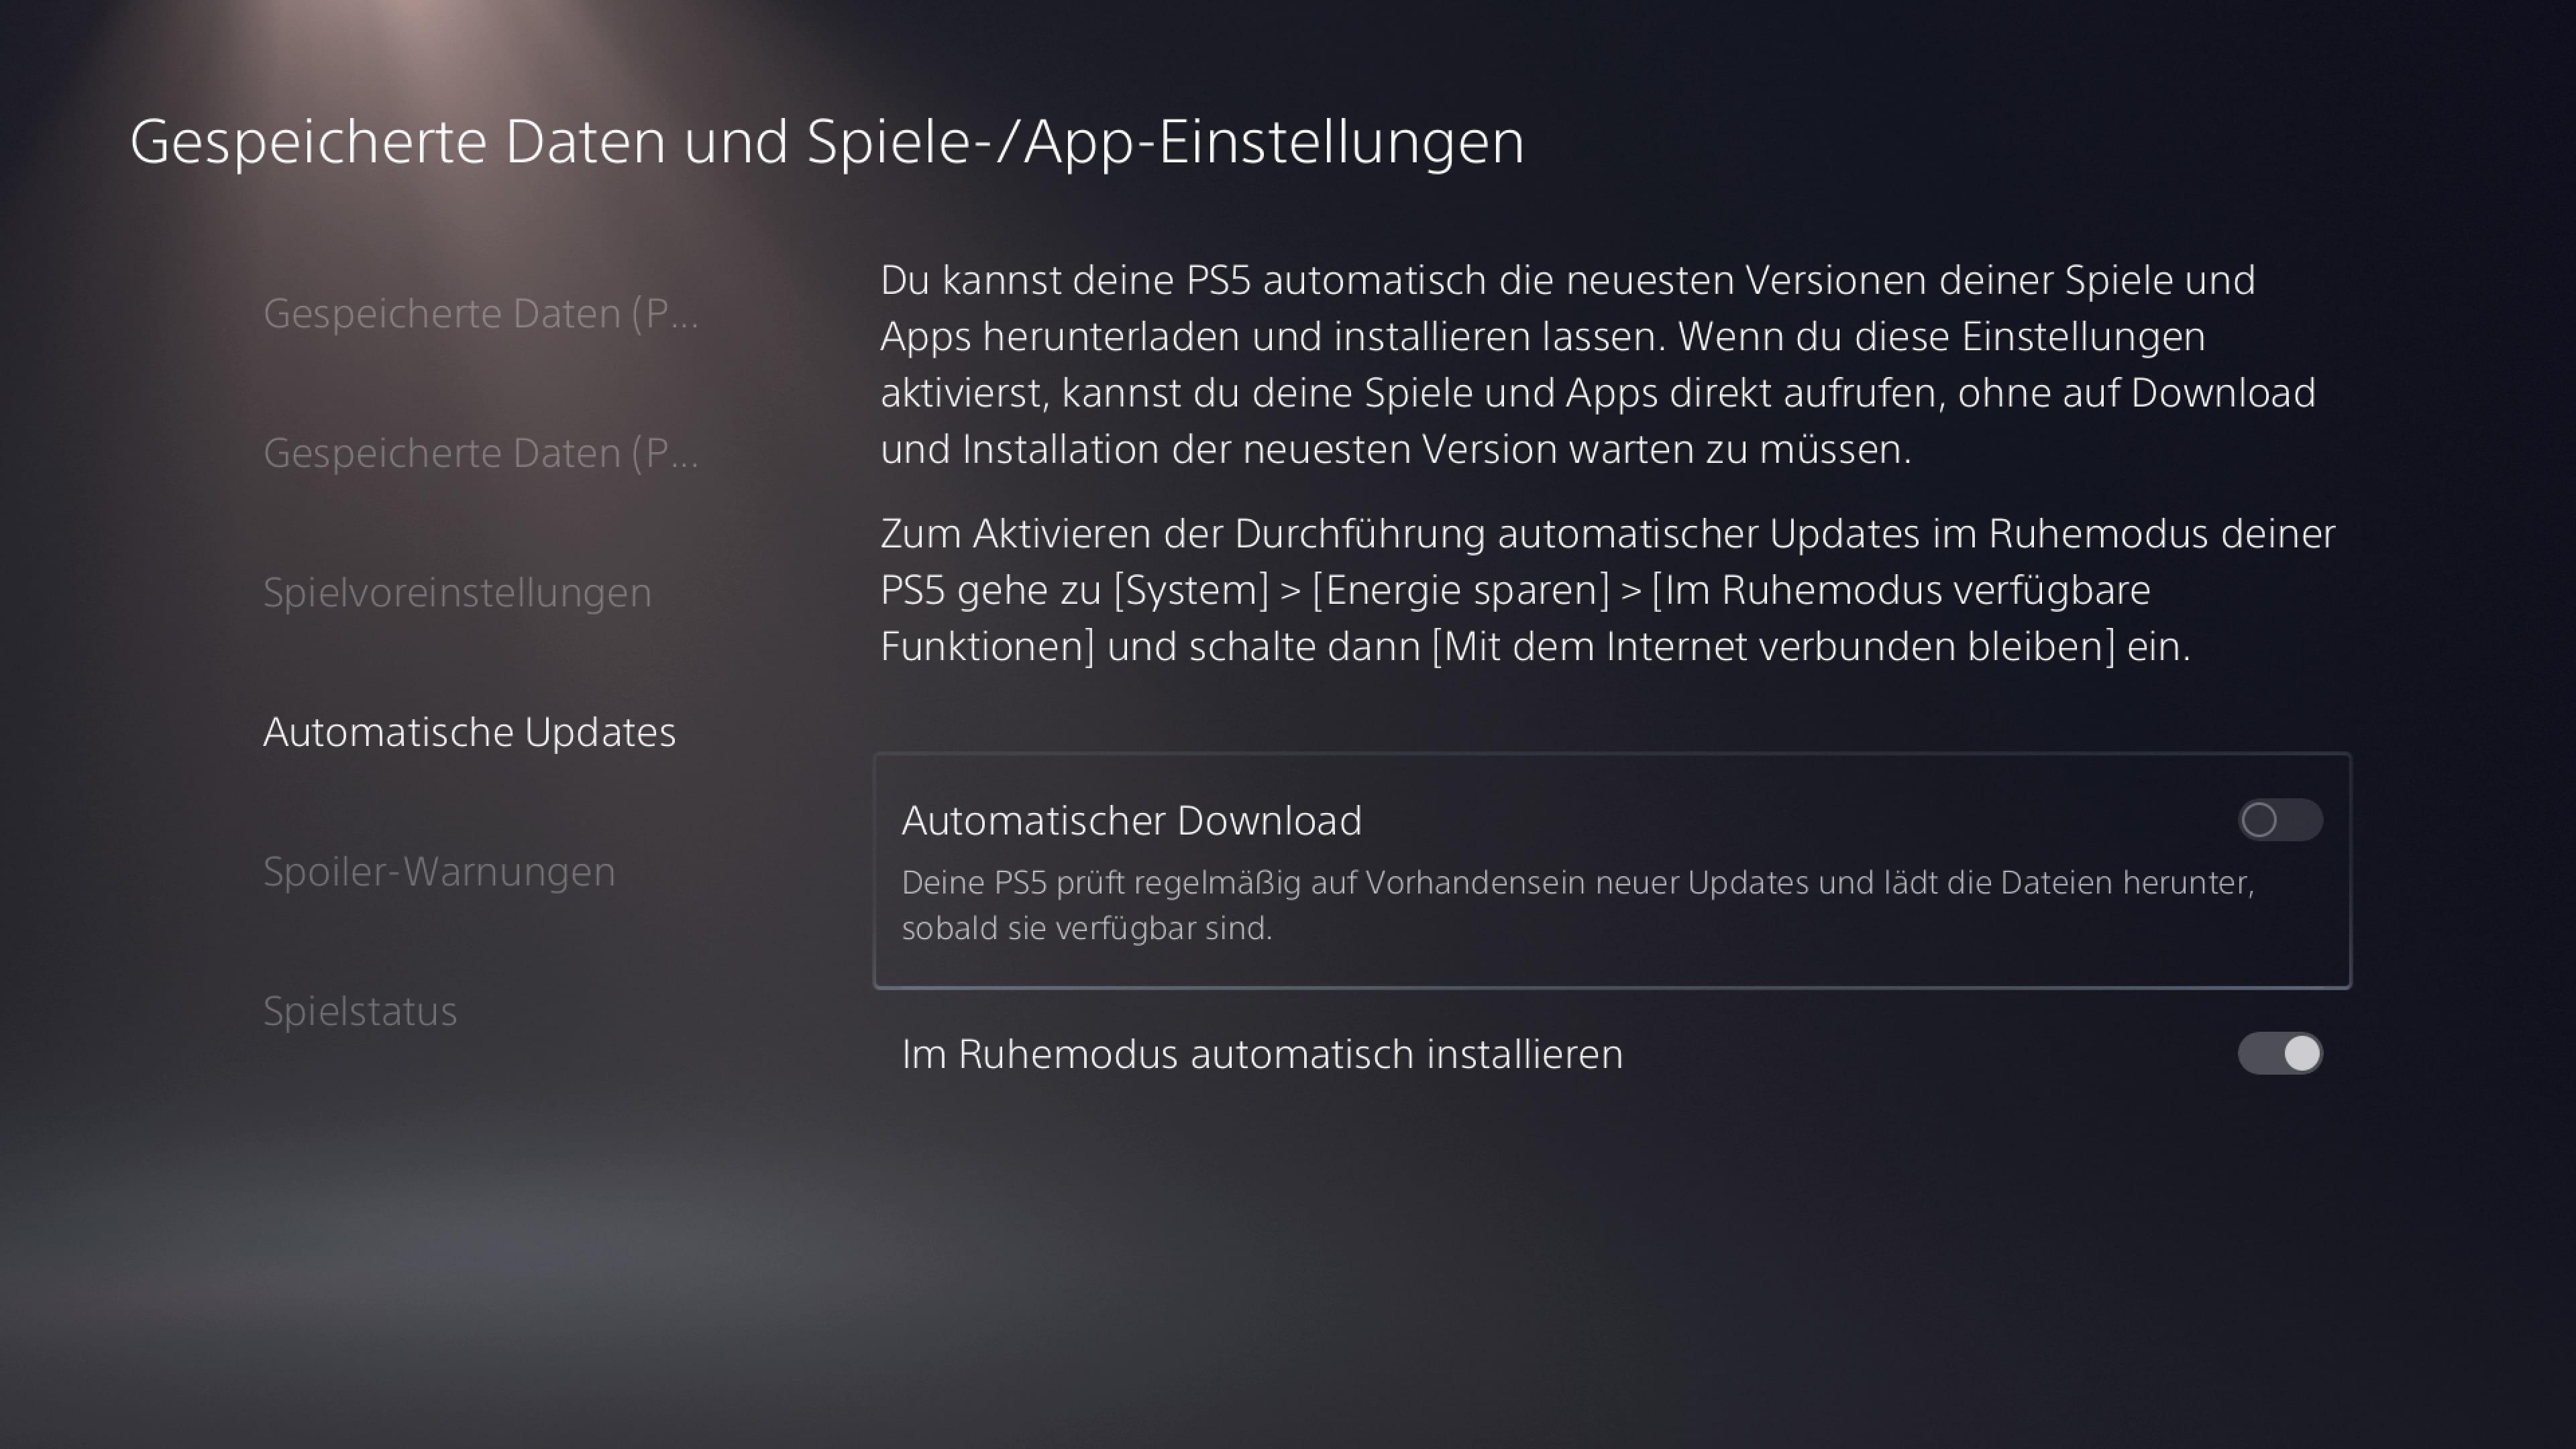 PS5 Automatische Update deaktivieren